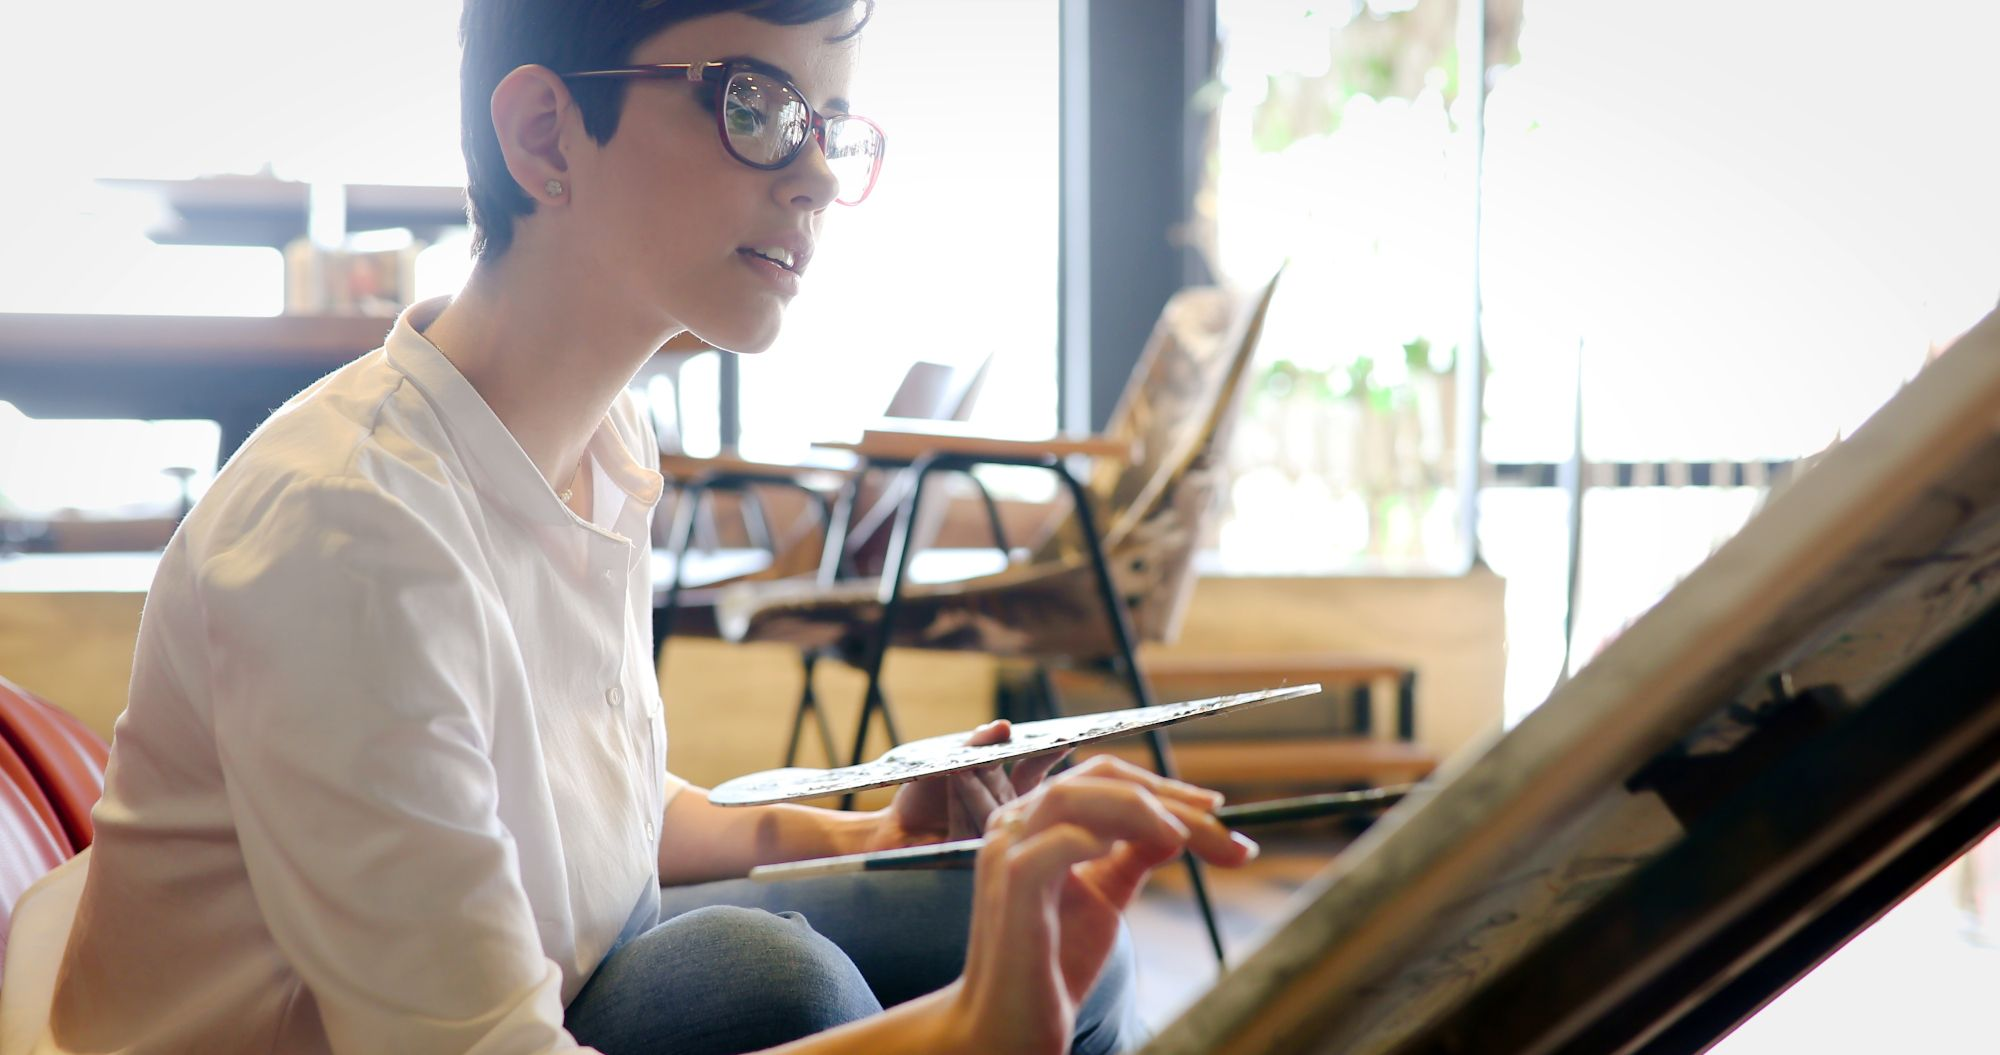 Hengitys taiteilijan työssä